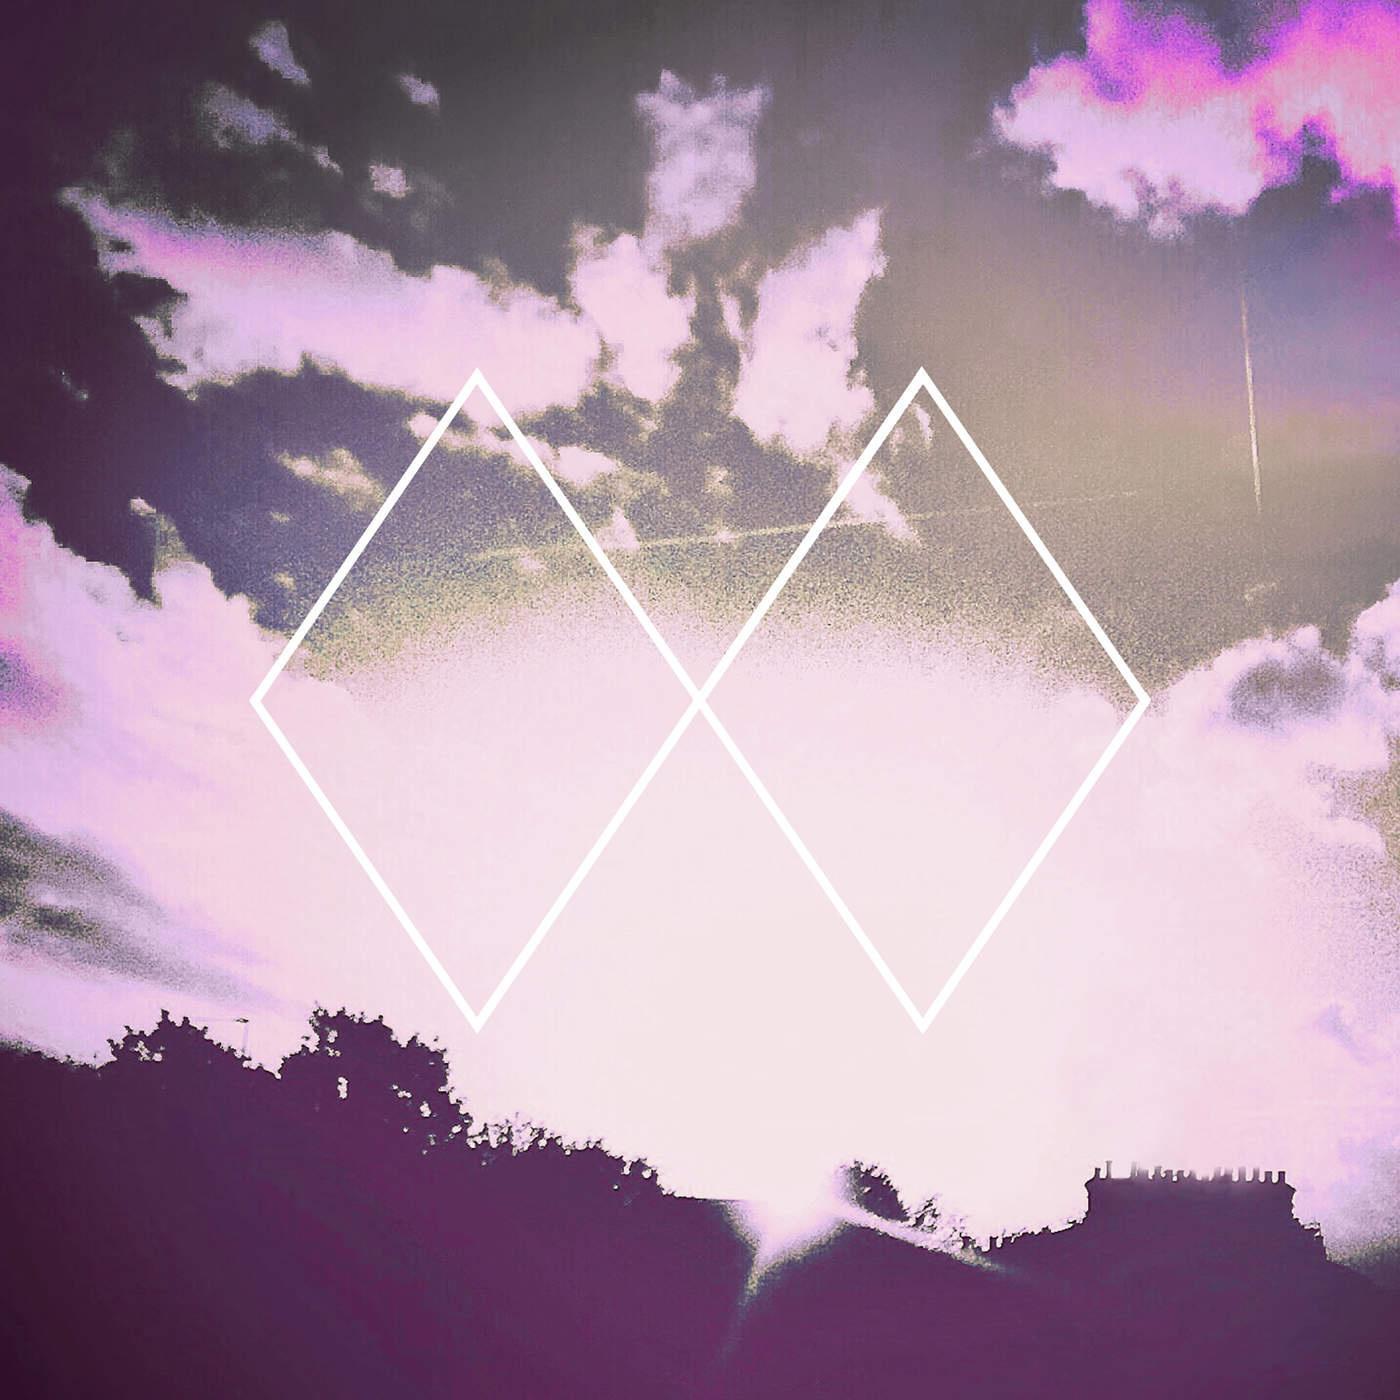 VIII - Mt. Wolf / Alexa Harley